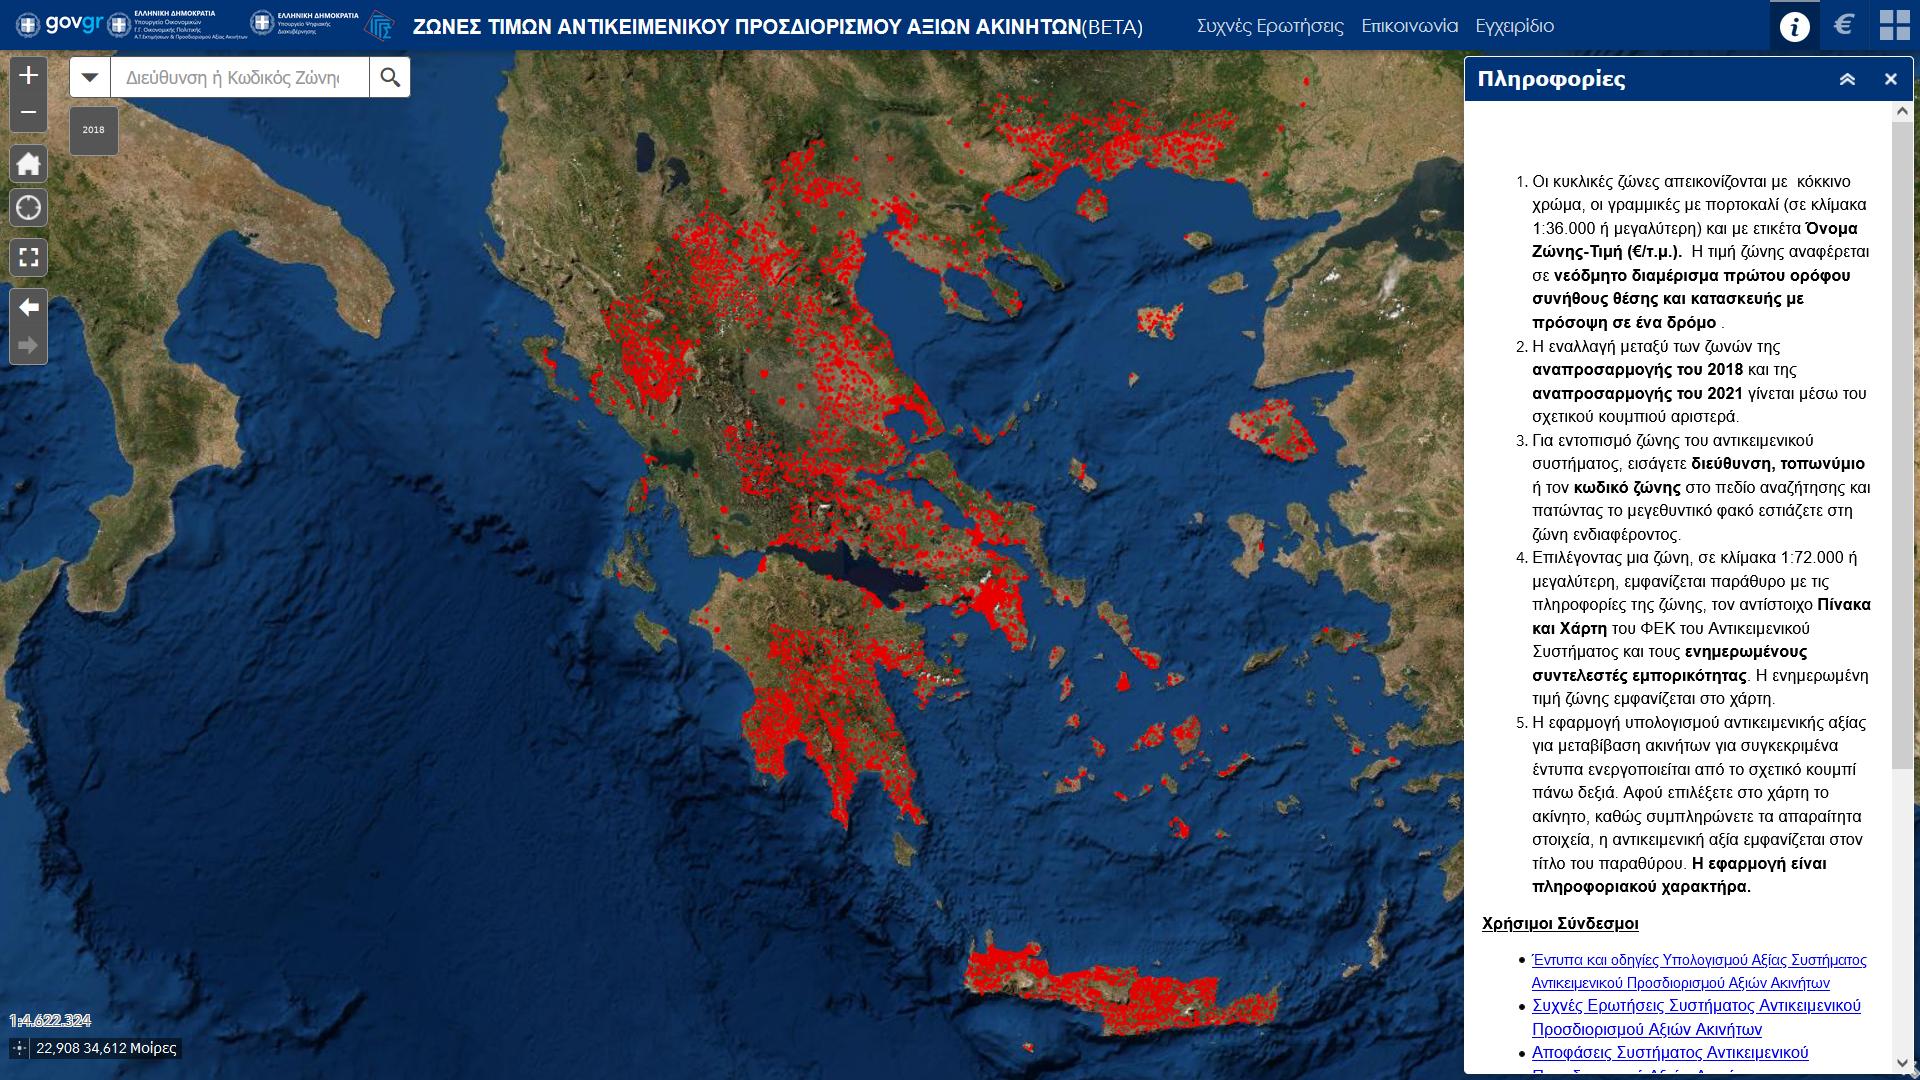 Νέα ηλεκτρονική εφαρμογή / Χαρτογράφηση της χώρας και οπτικοποίηση των αντικειμενικών αξιών